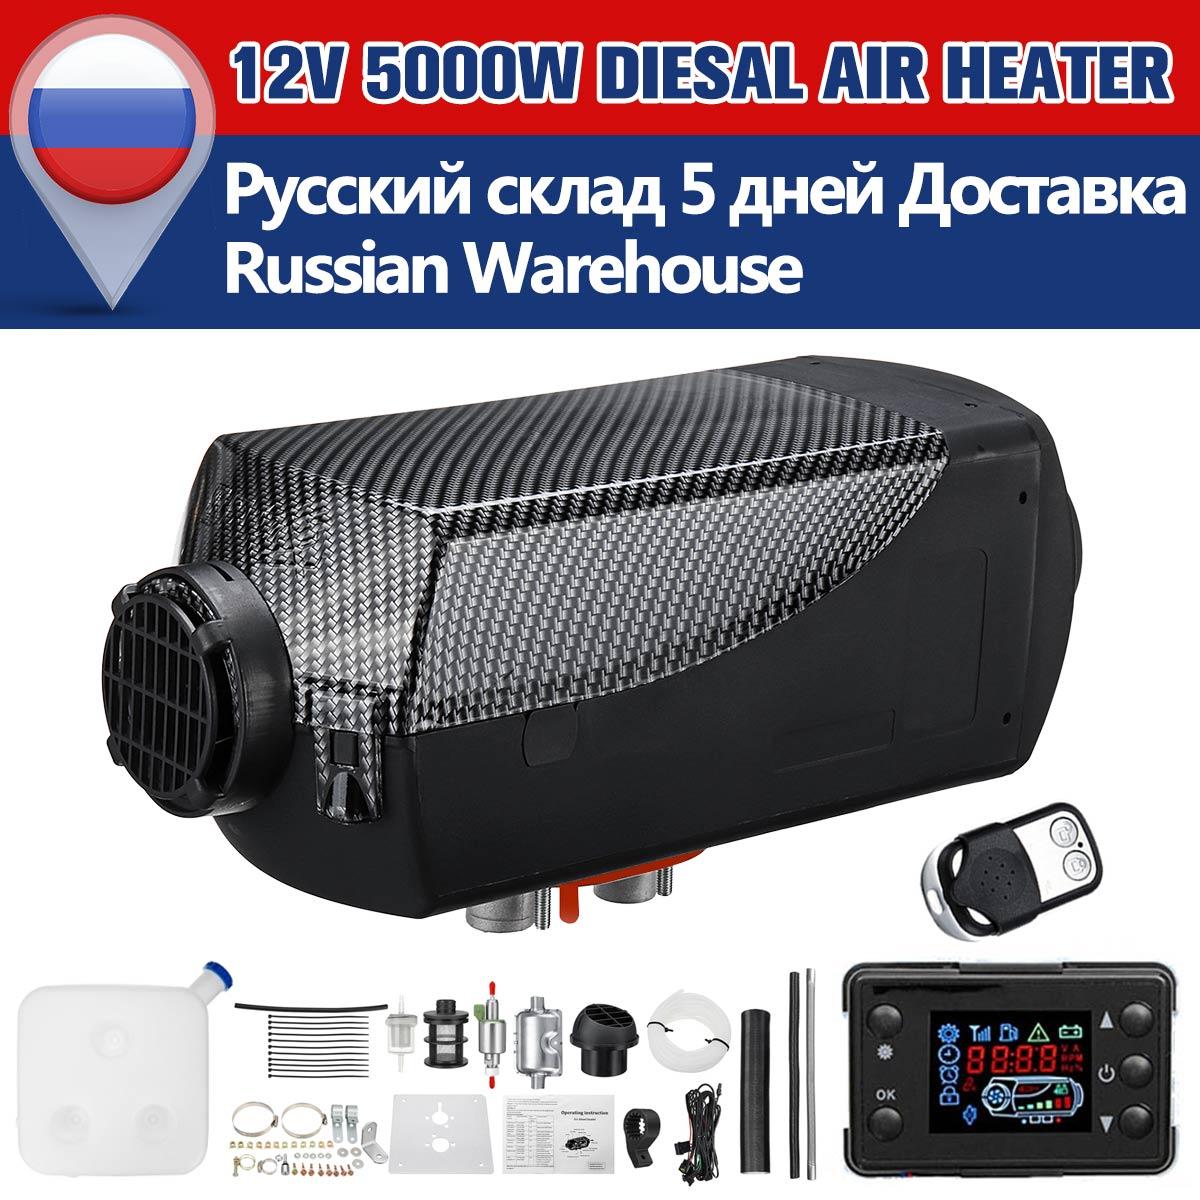 Diesel Riscaldatore Ad Aria 5KW 12 V Planare LCD Per I Camion Auto Barche A motore Case Ultime Kit Monitor per CAMPER camper Rimorchio Con Telecomando